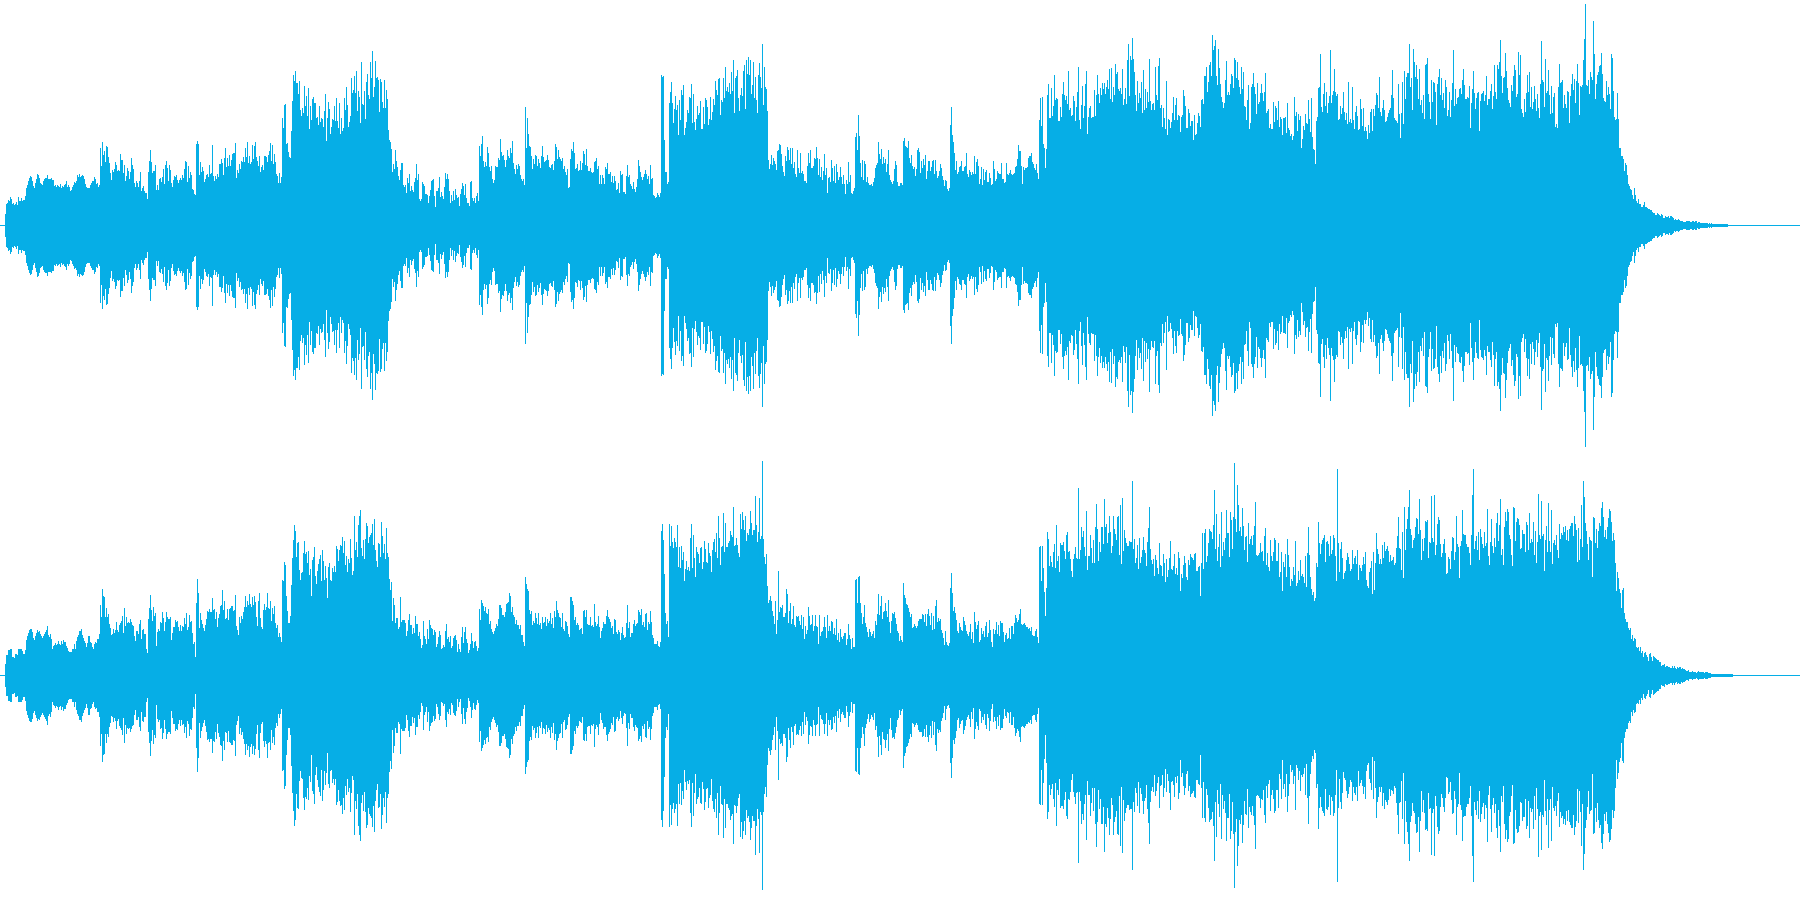 2001年宇宙の旅(ゲーム系サウンド)の再生済みの波形